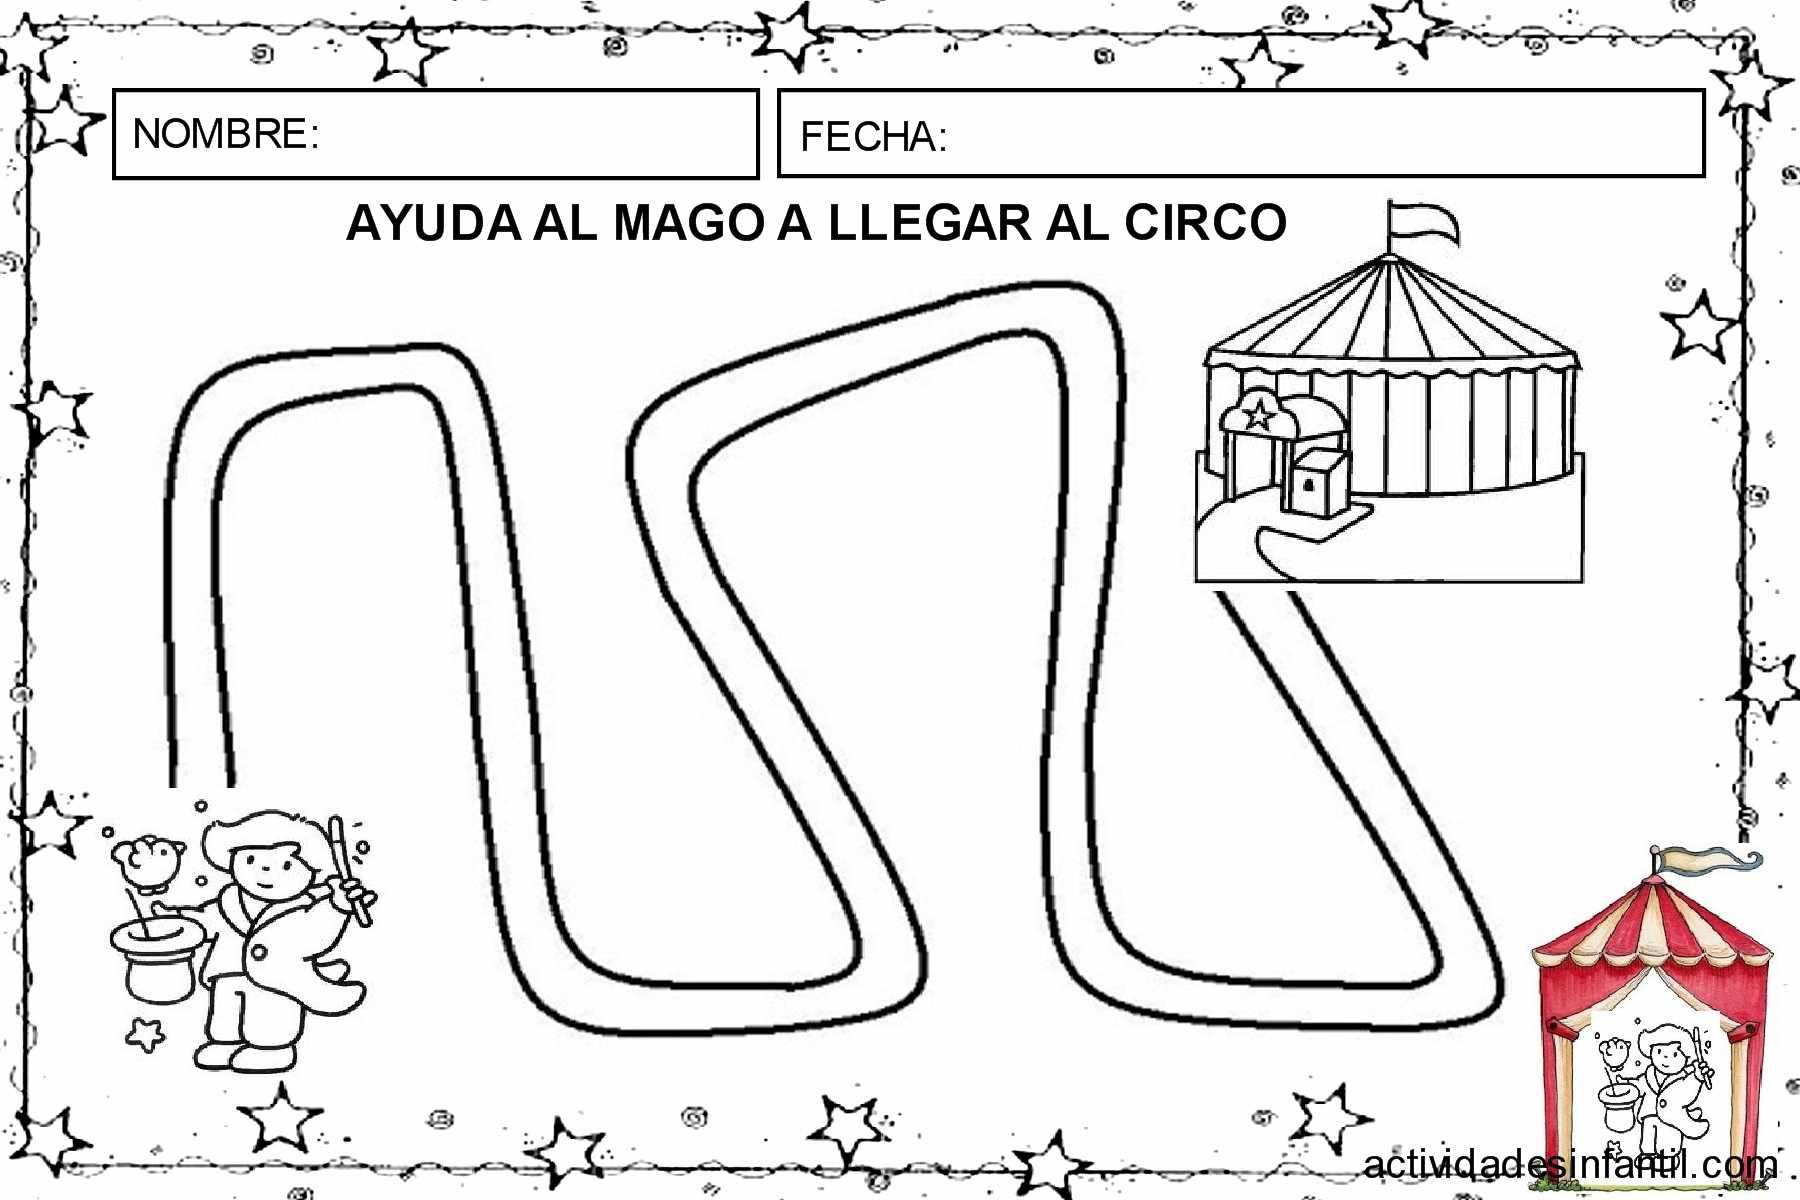 Ayuda-al-mago-a-llegar-al-circoactividades